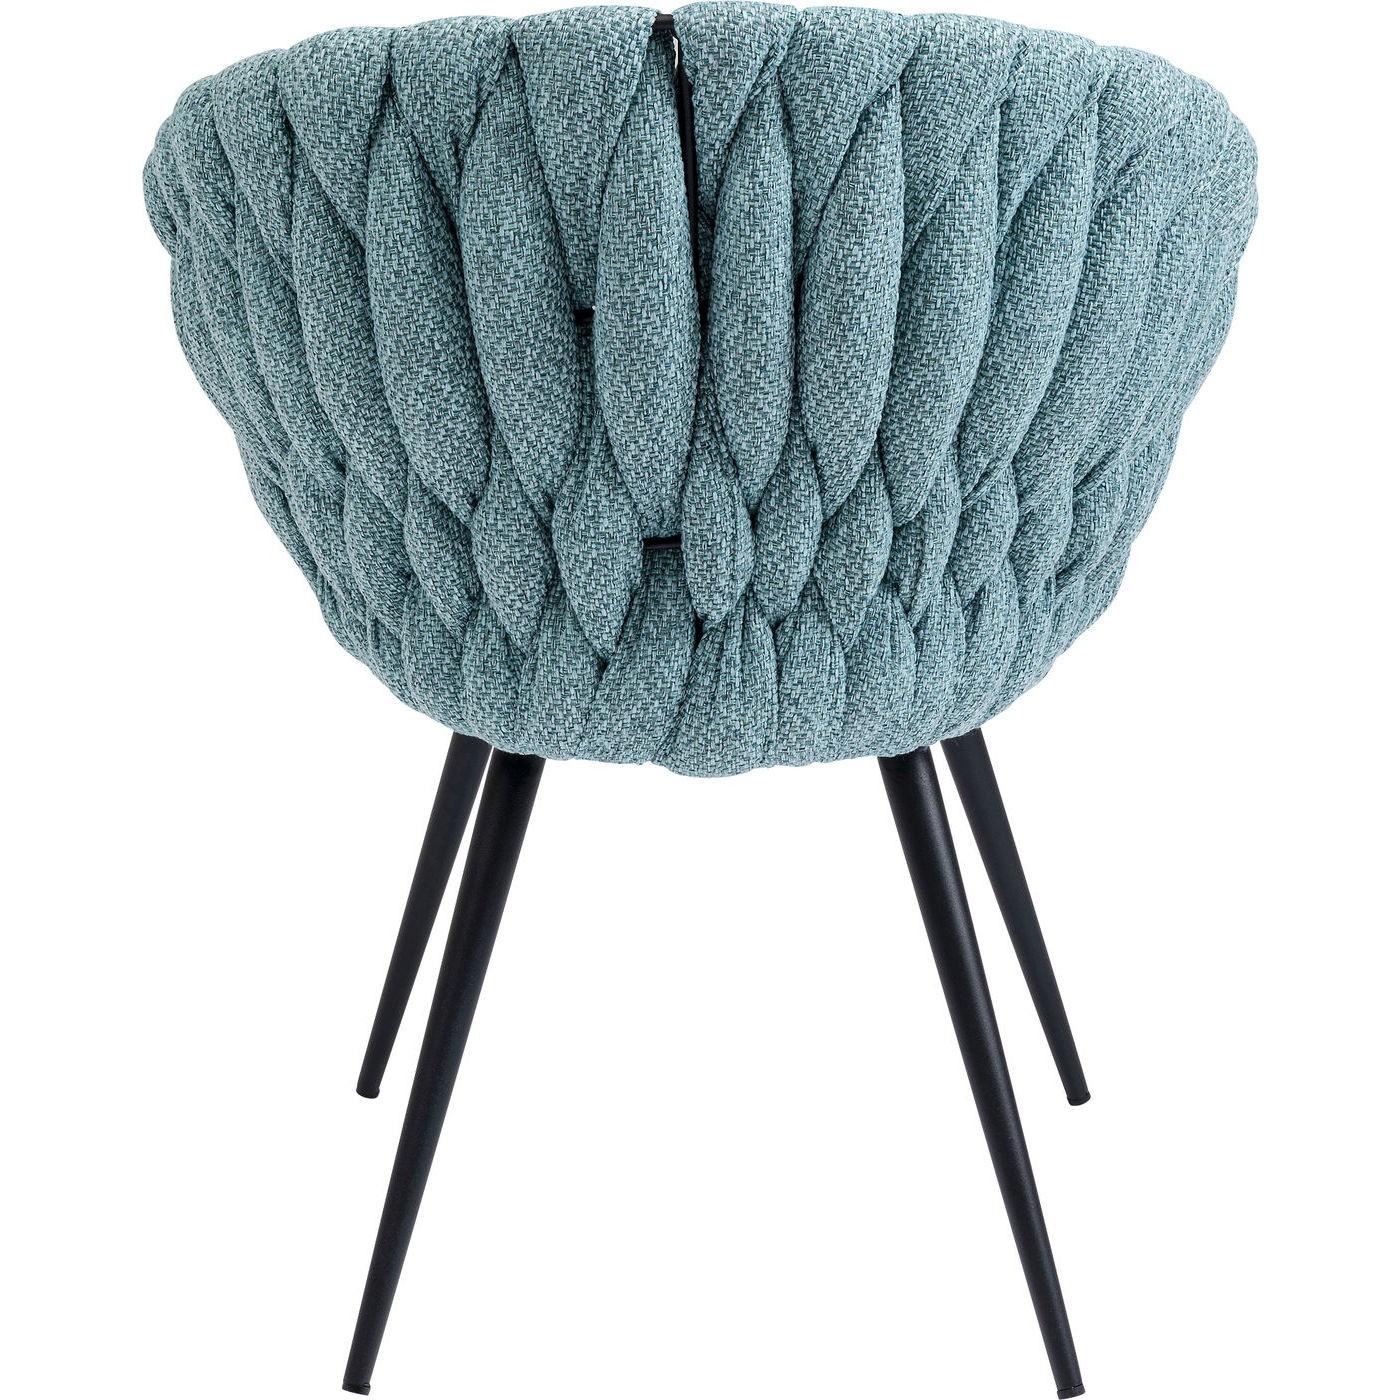 Chaise avec accoudoirs bicolore bleu-vert et acier